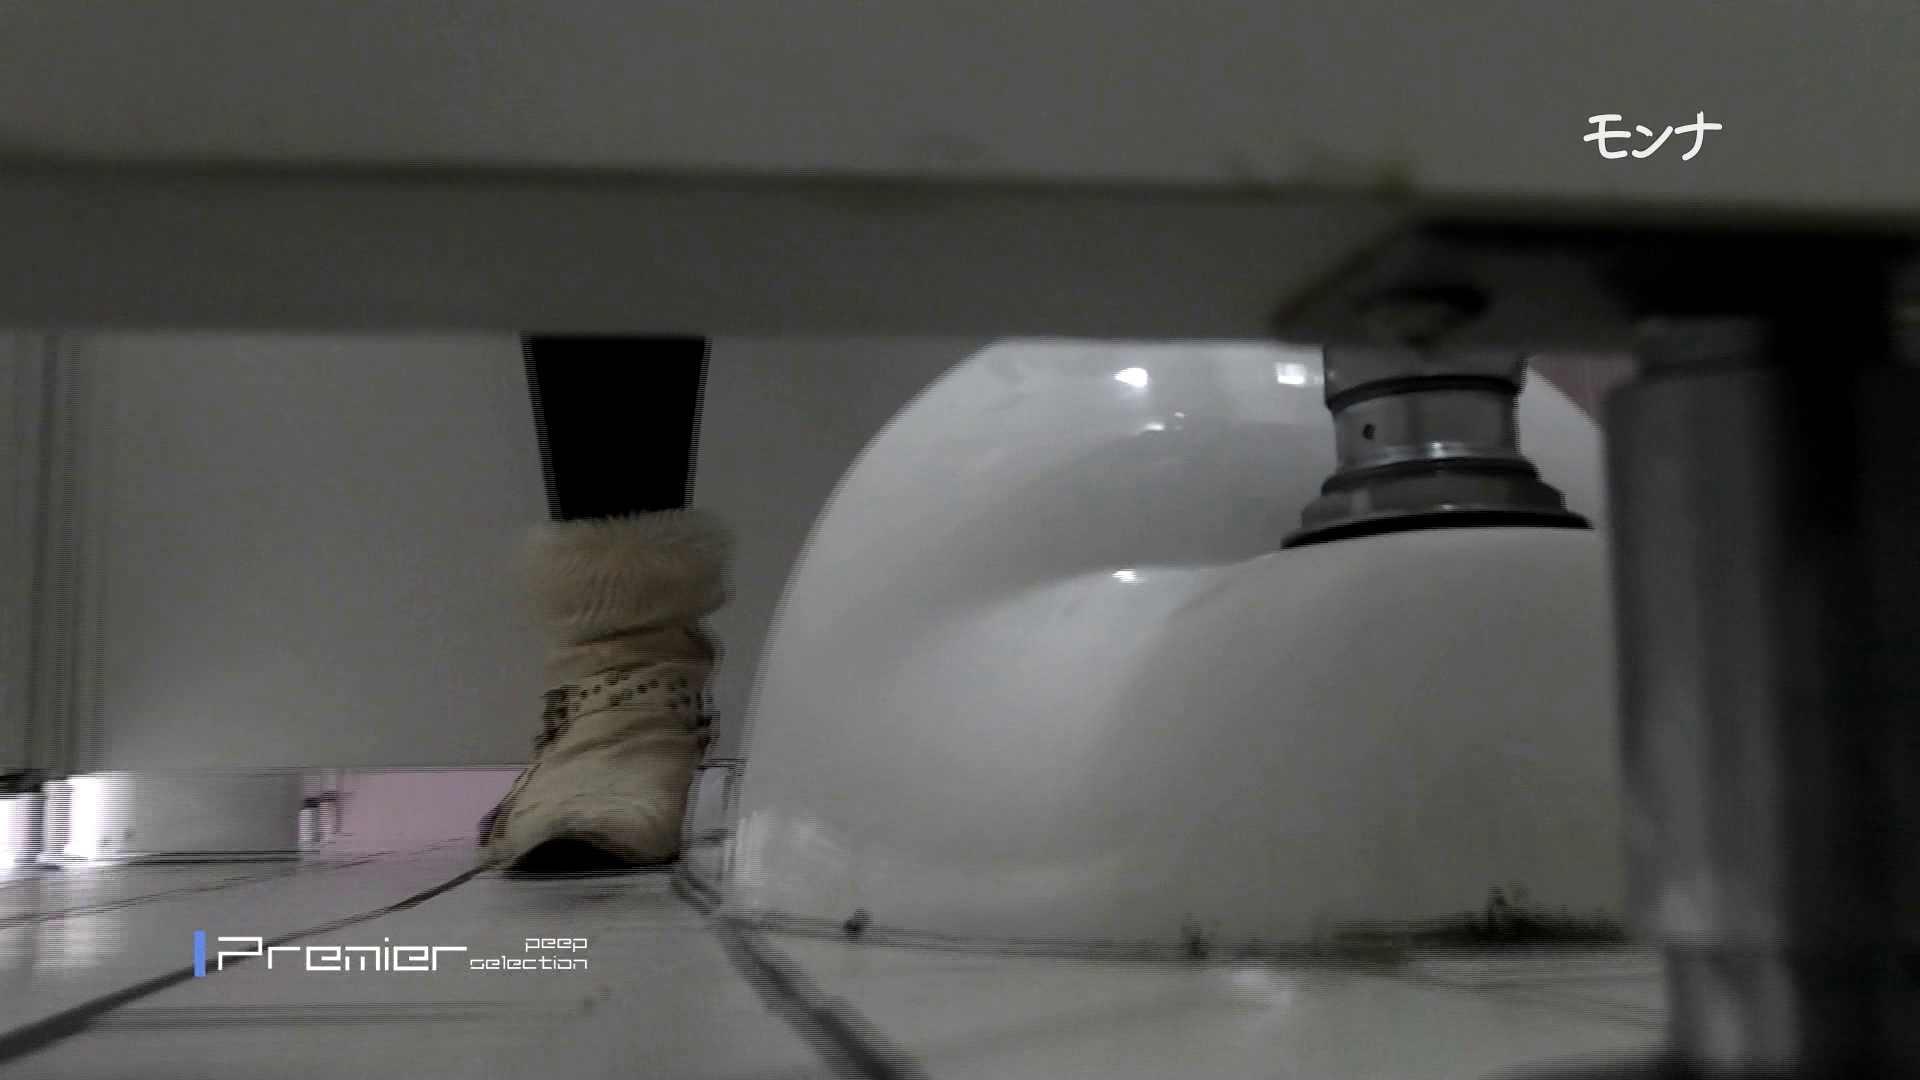 新学期!!下半身中心に攻めてます美小女可愛い女の悪戯盗撮トイレ 0 | 特撮トイレ  102画像 63